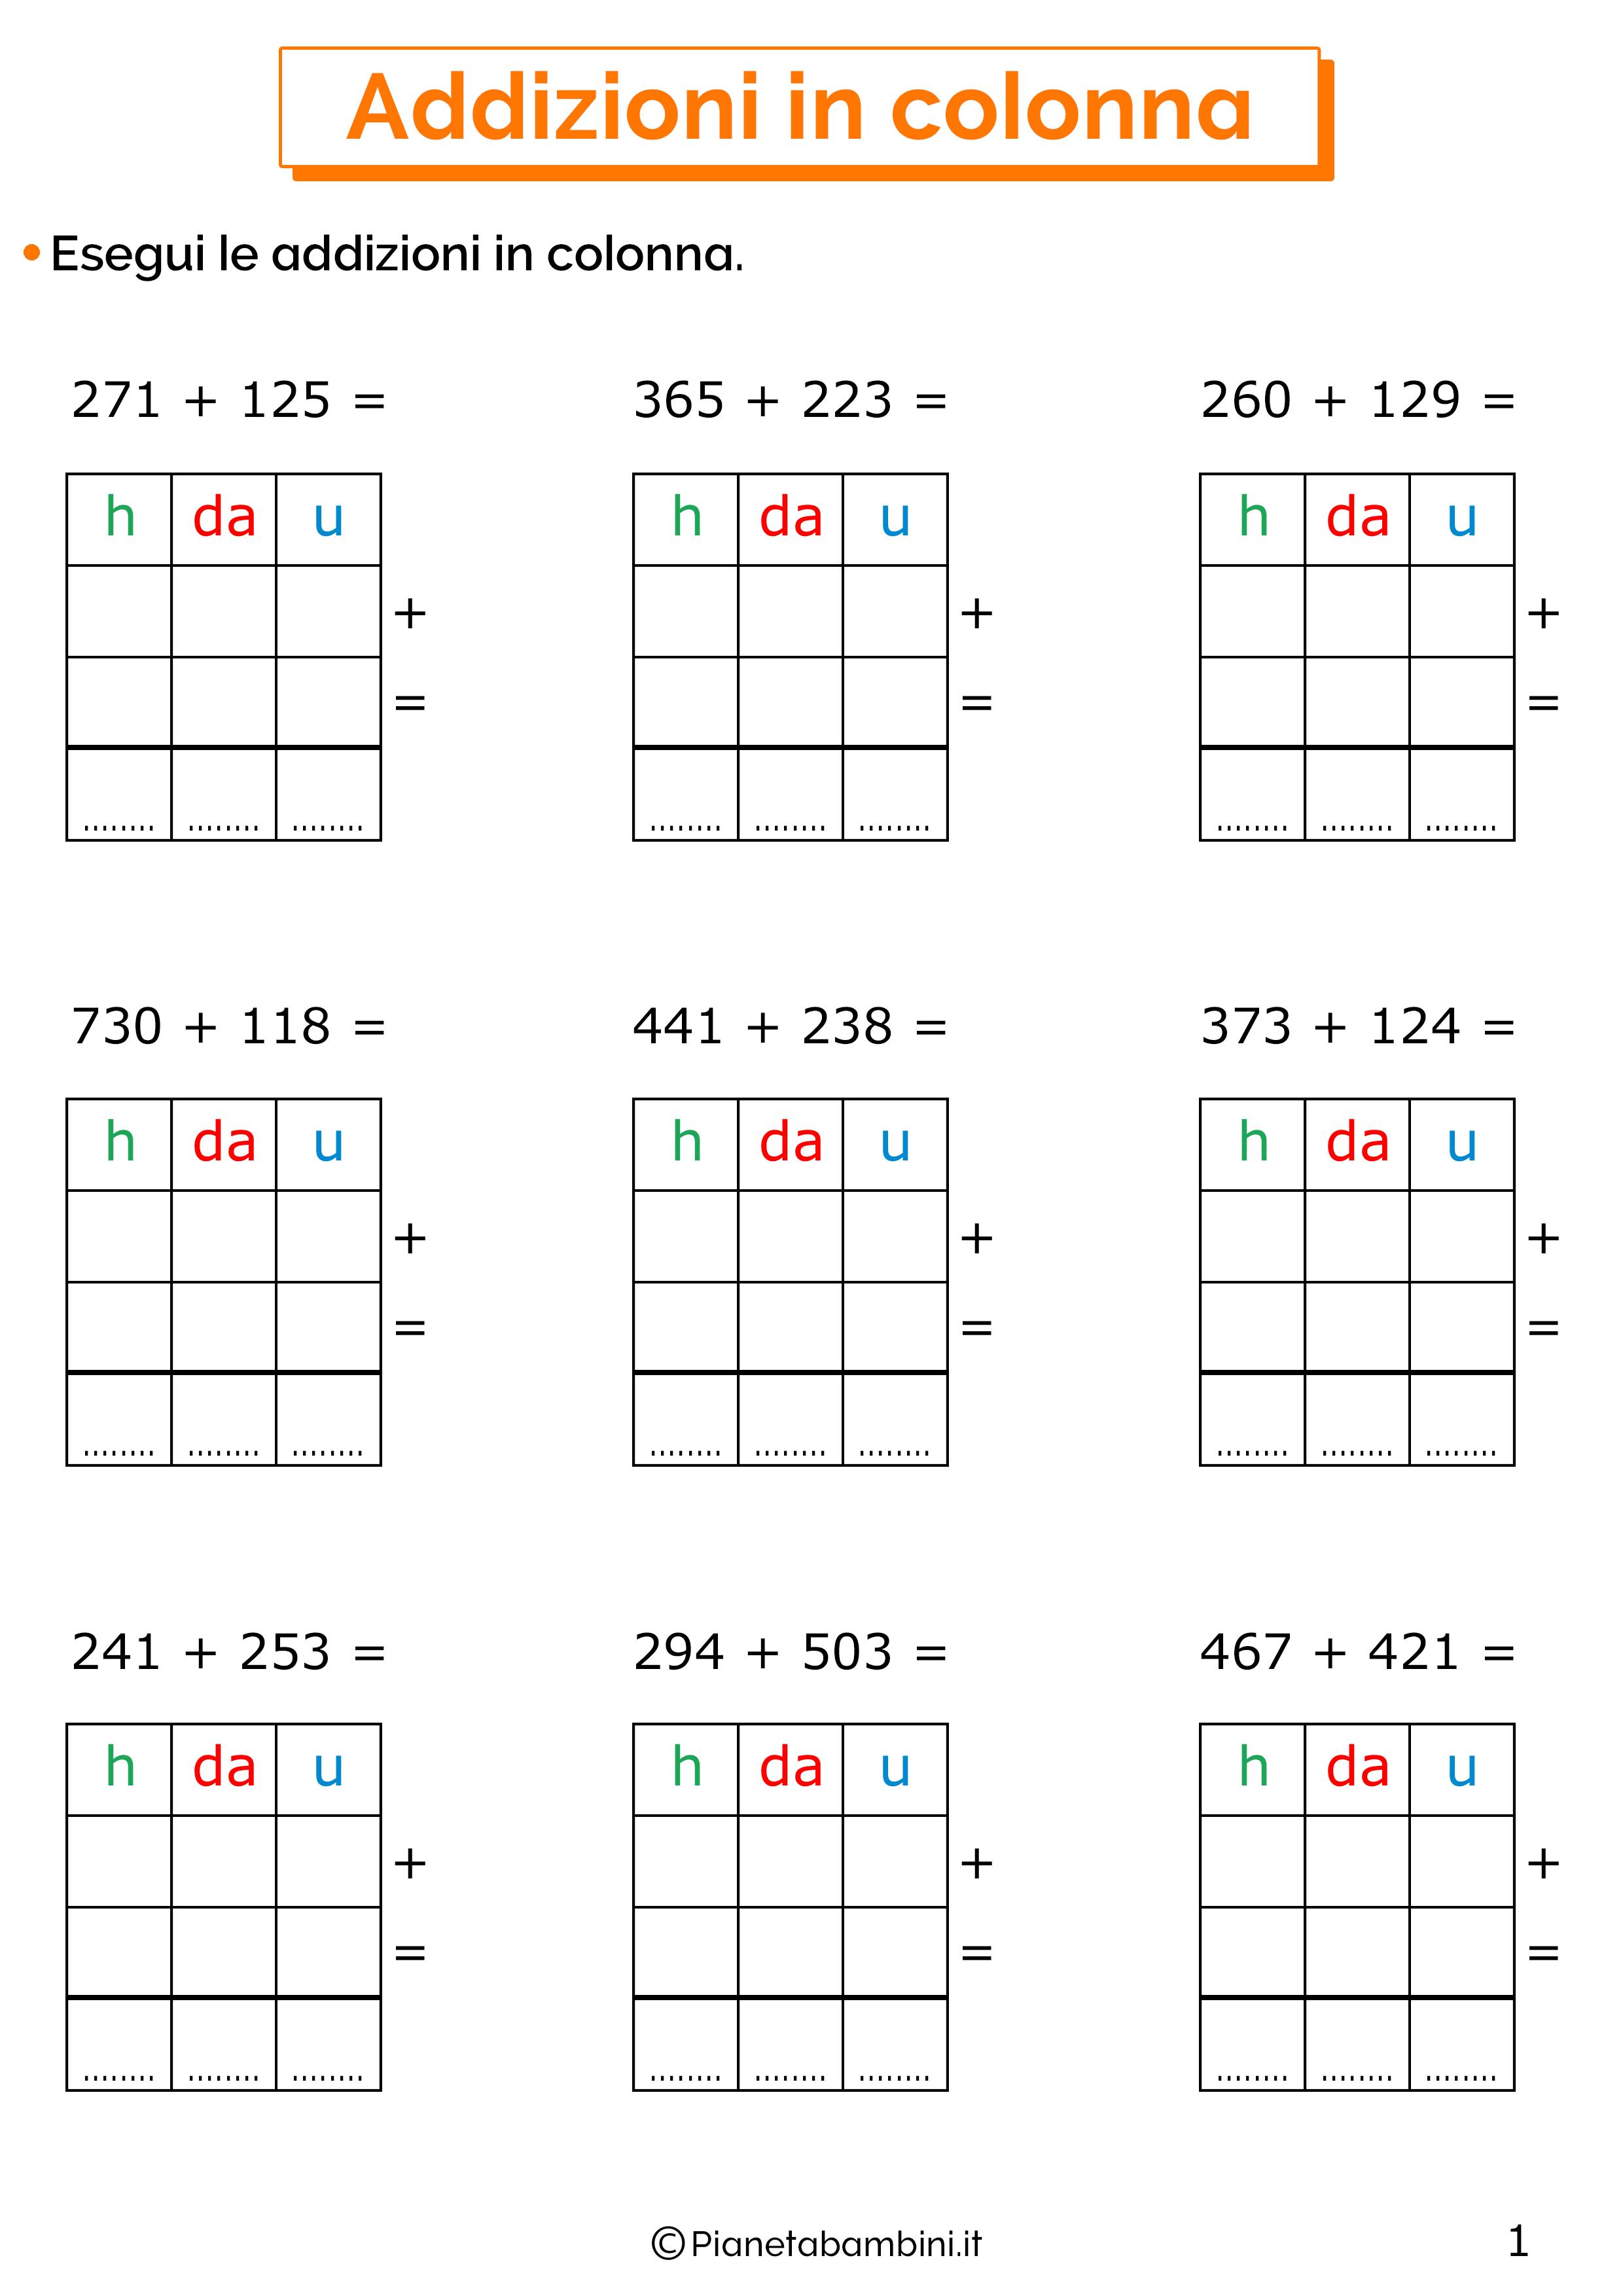 Addizioni in colonna a tre cifre senza cambio per la classe terza 1